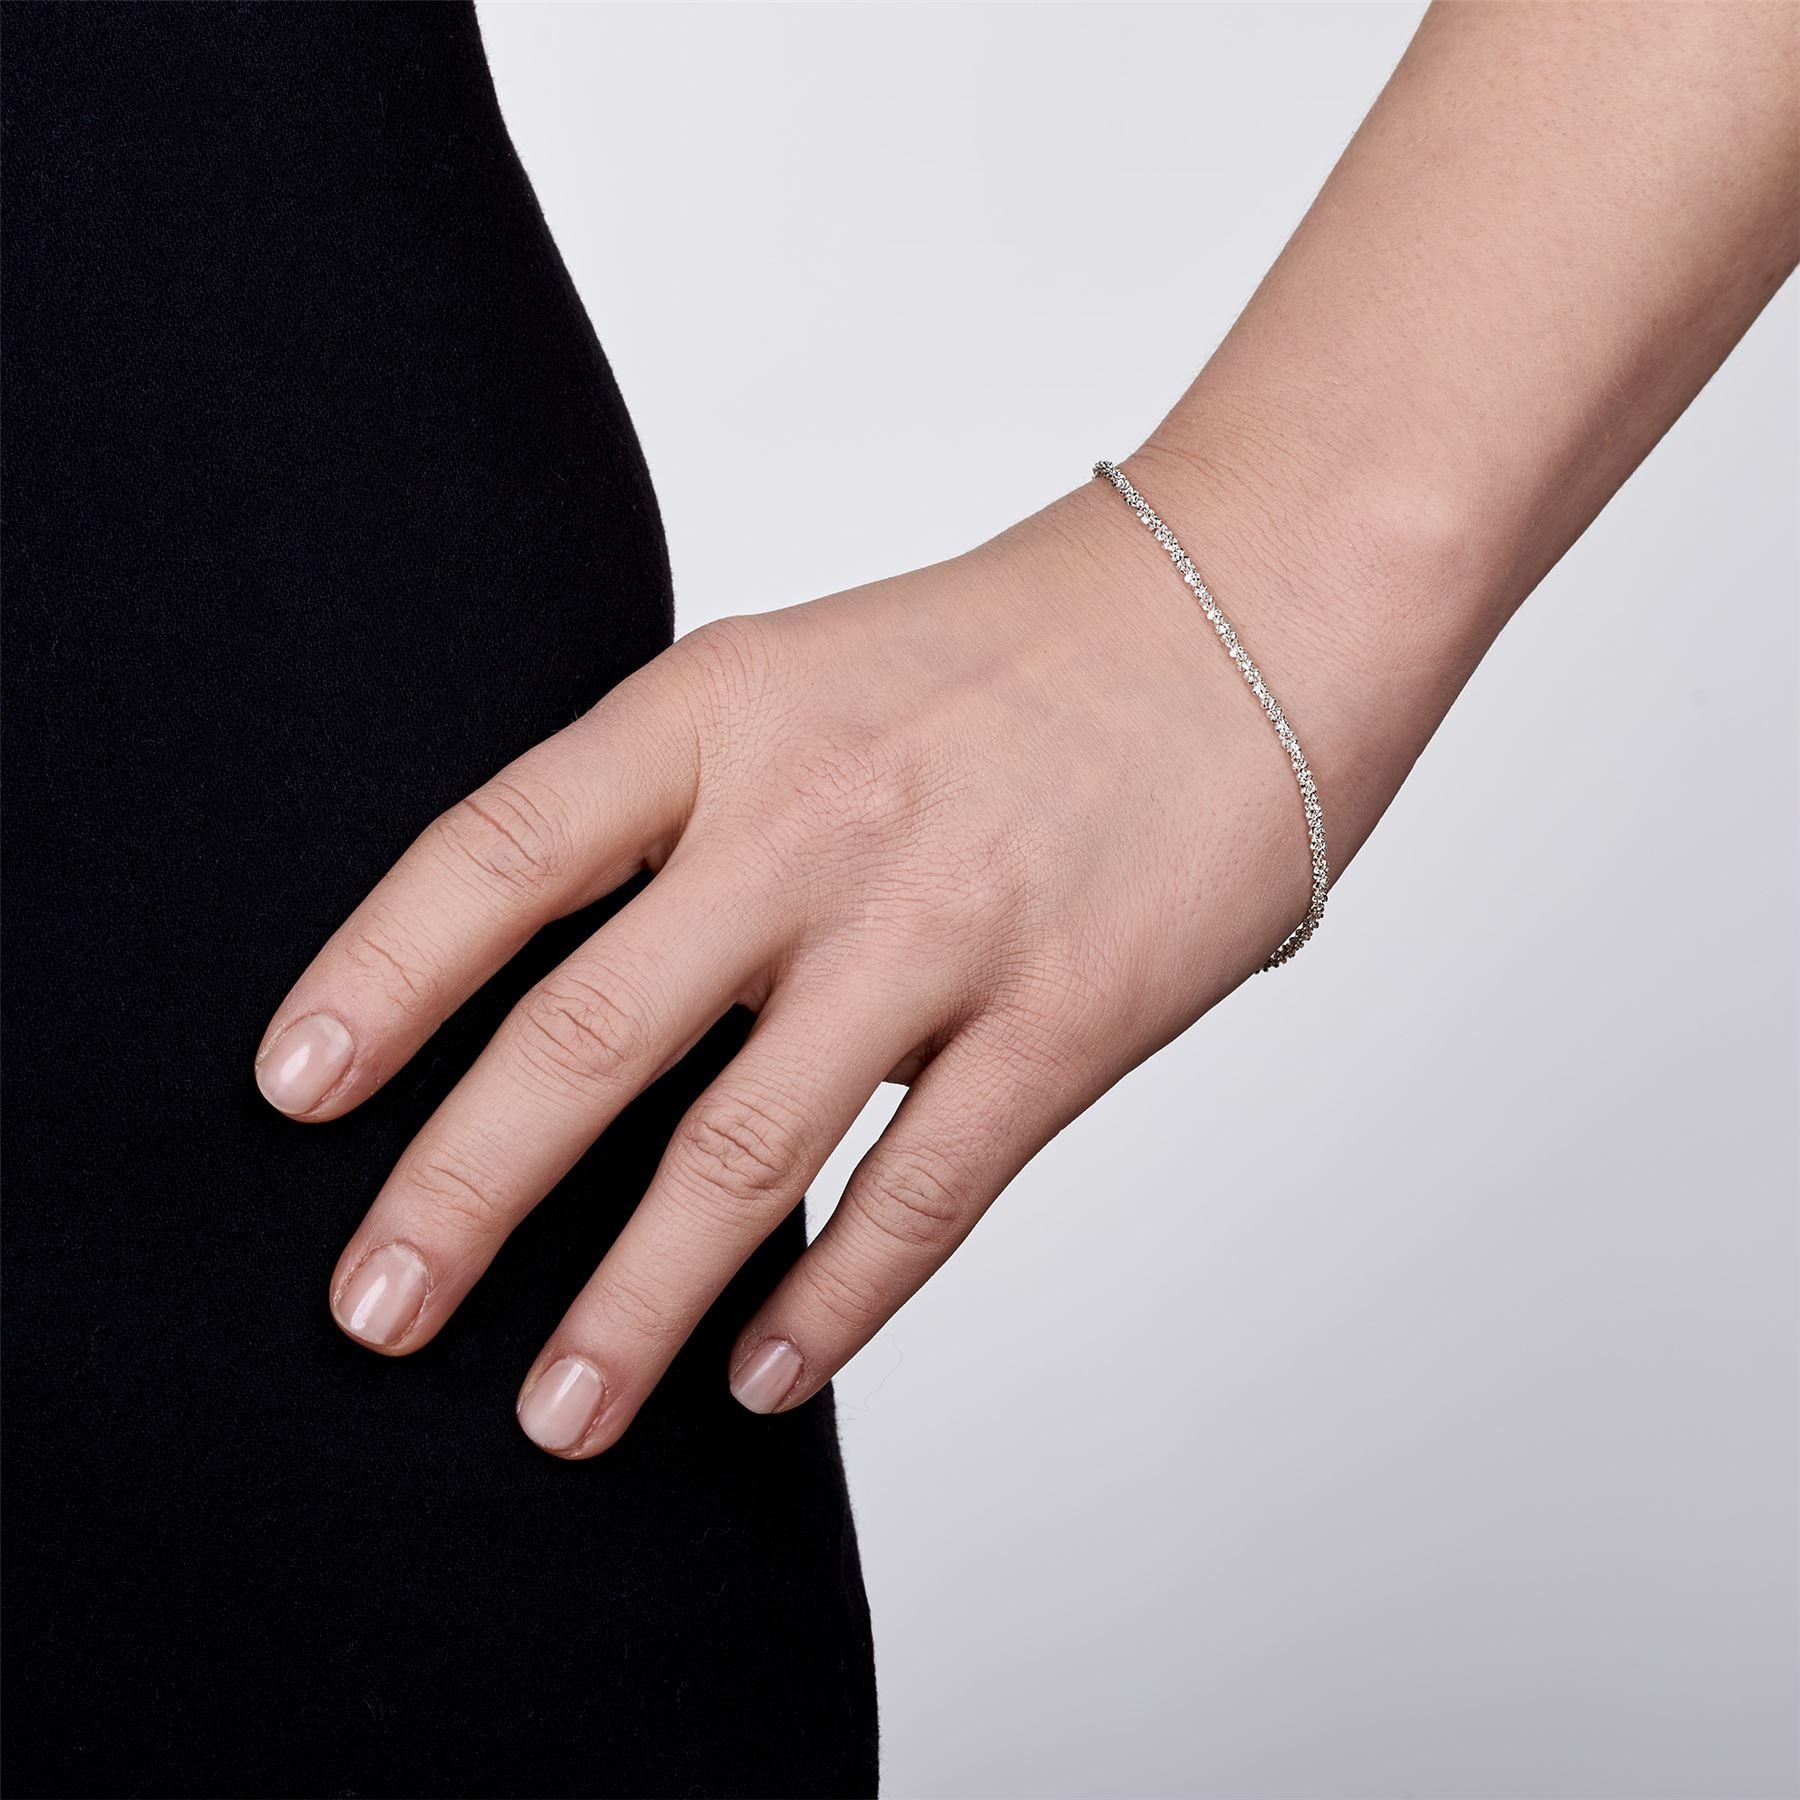 Amberta-Bijoux-Bracelet-en-Vrai-Argent-Sterling-925-Chaine-pour-Femme-a-la-Mode thumbnail 50